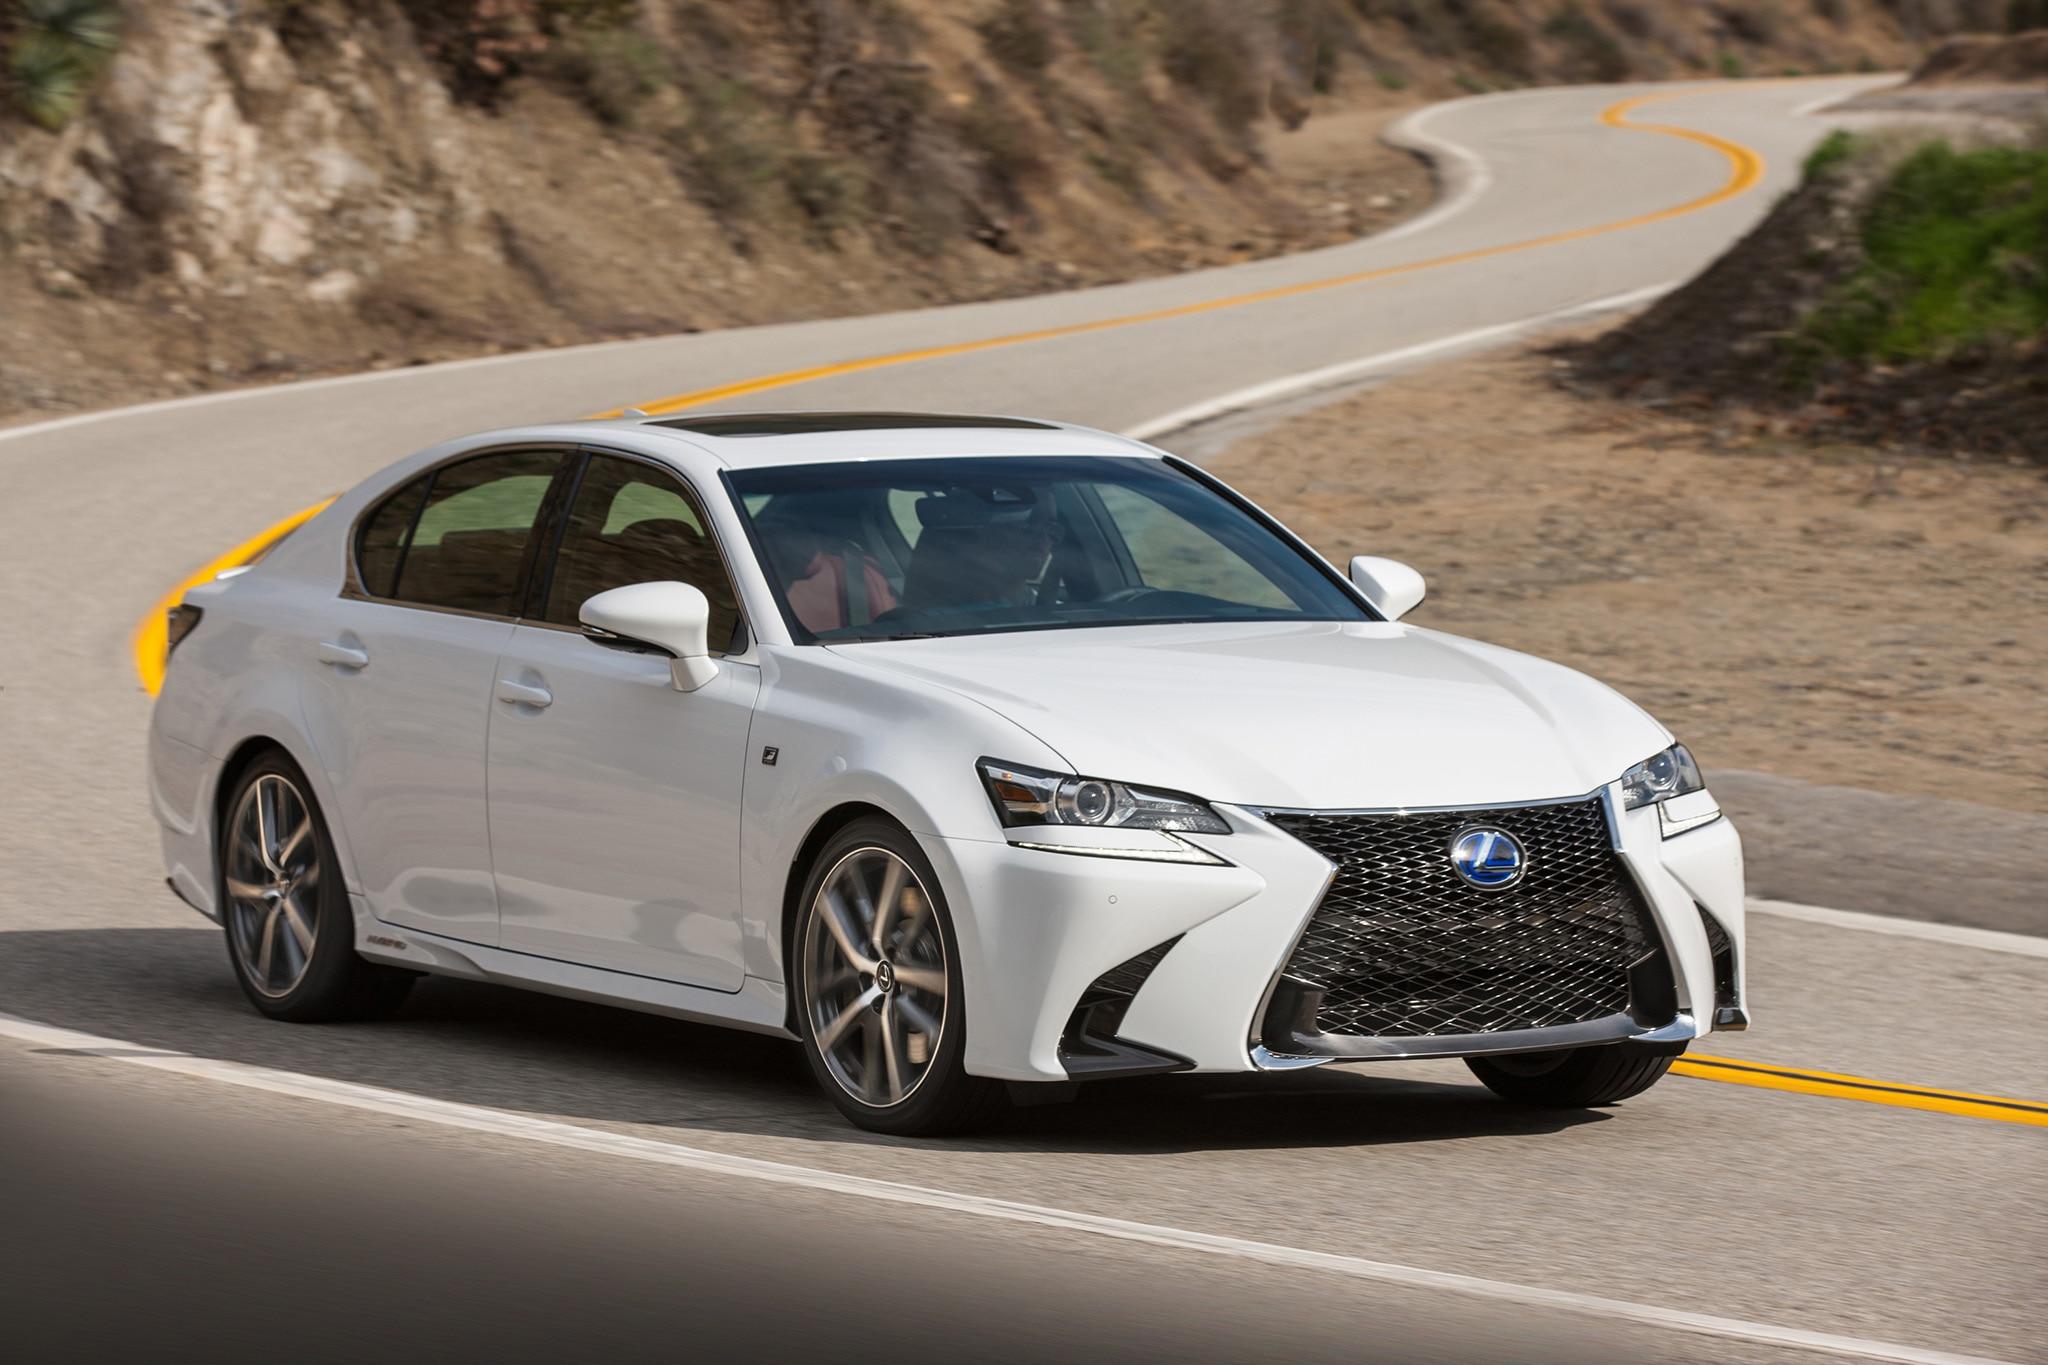 2018 Lexus GS 450h Quick Take Review | Automobile Magazine